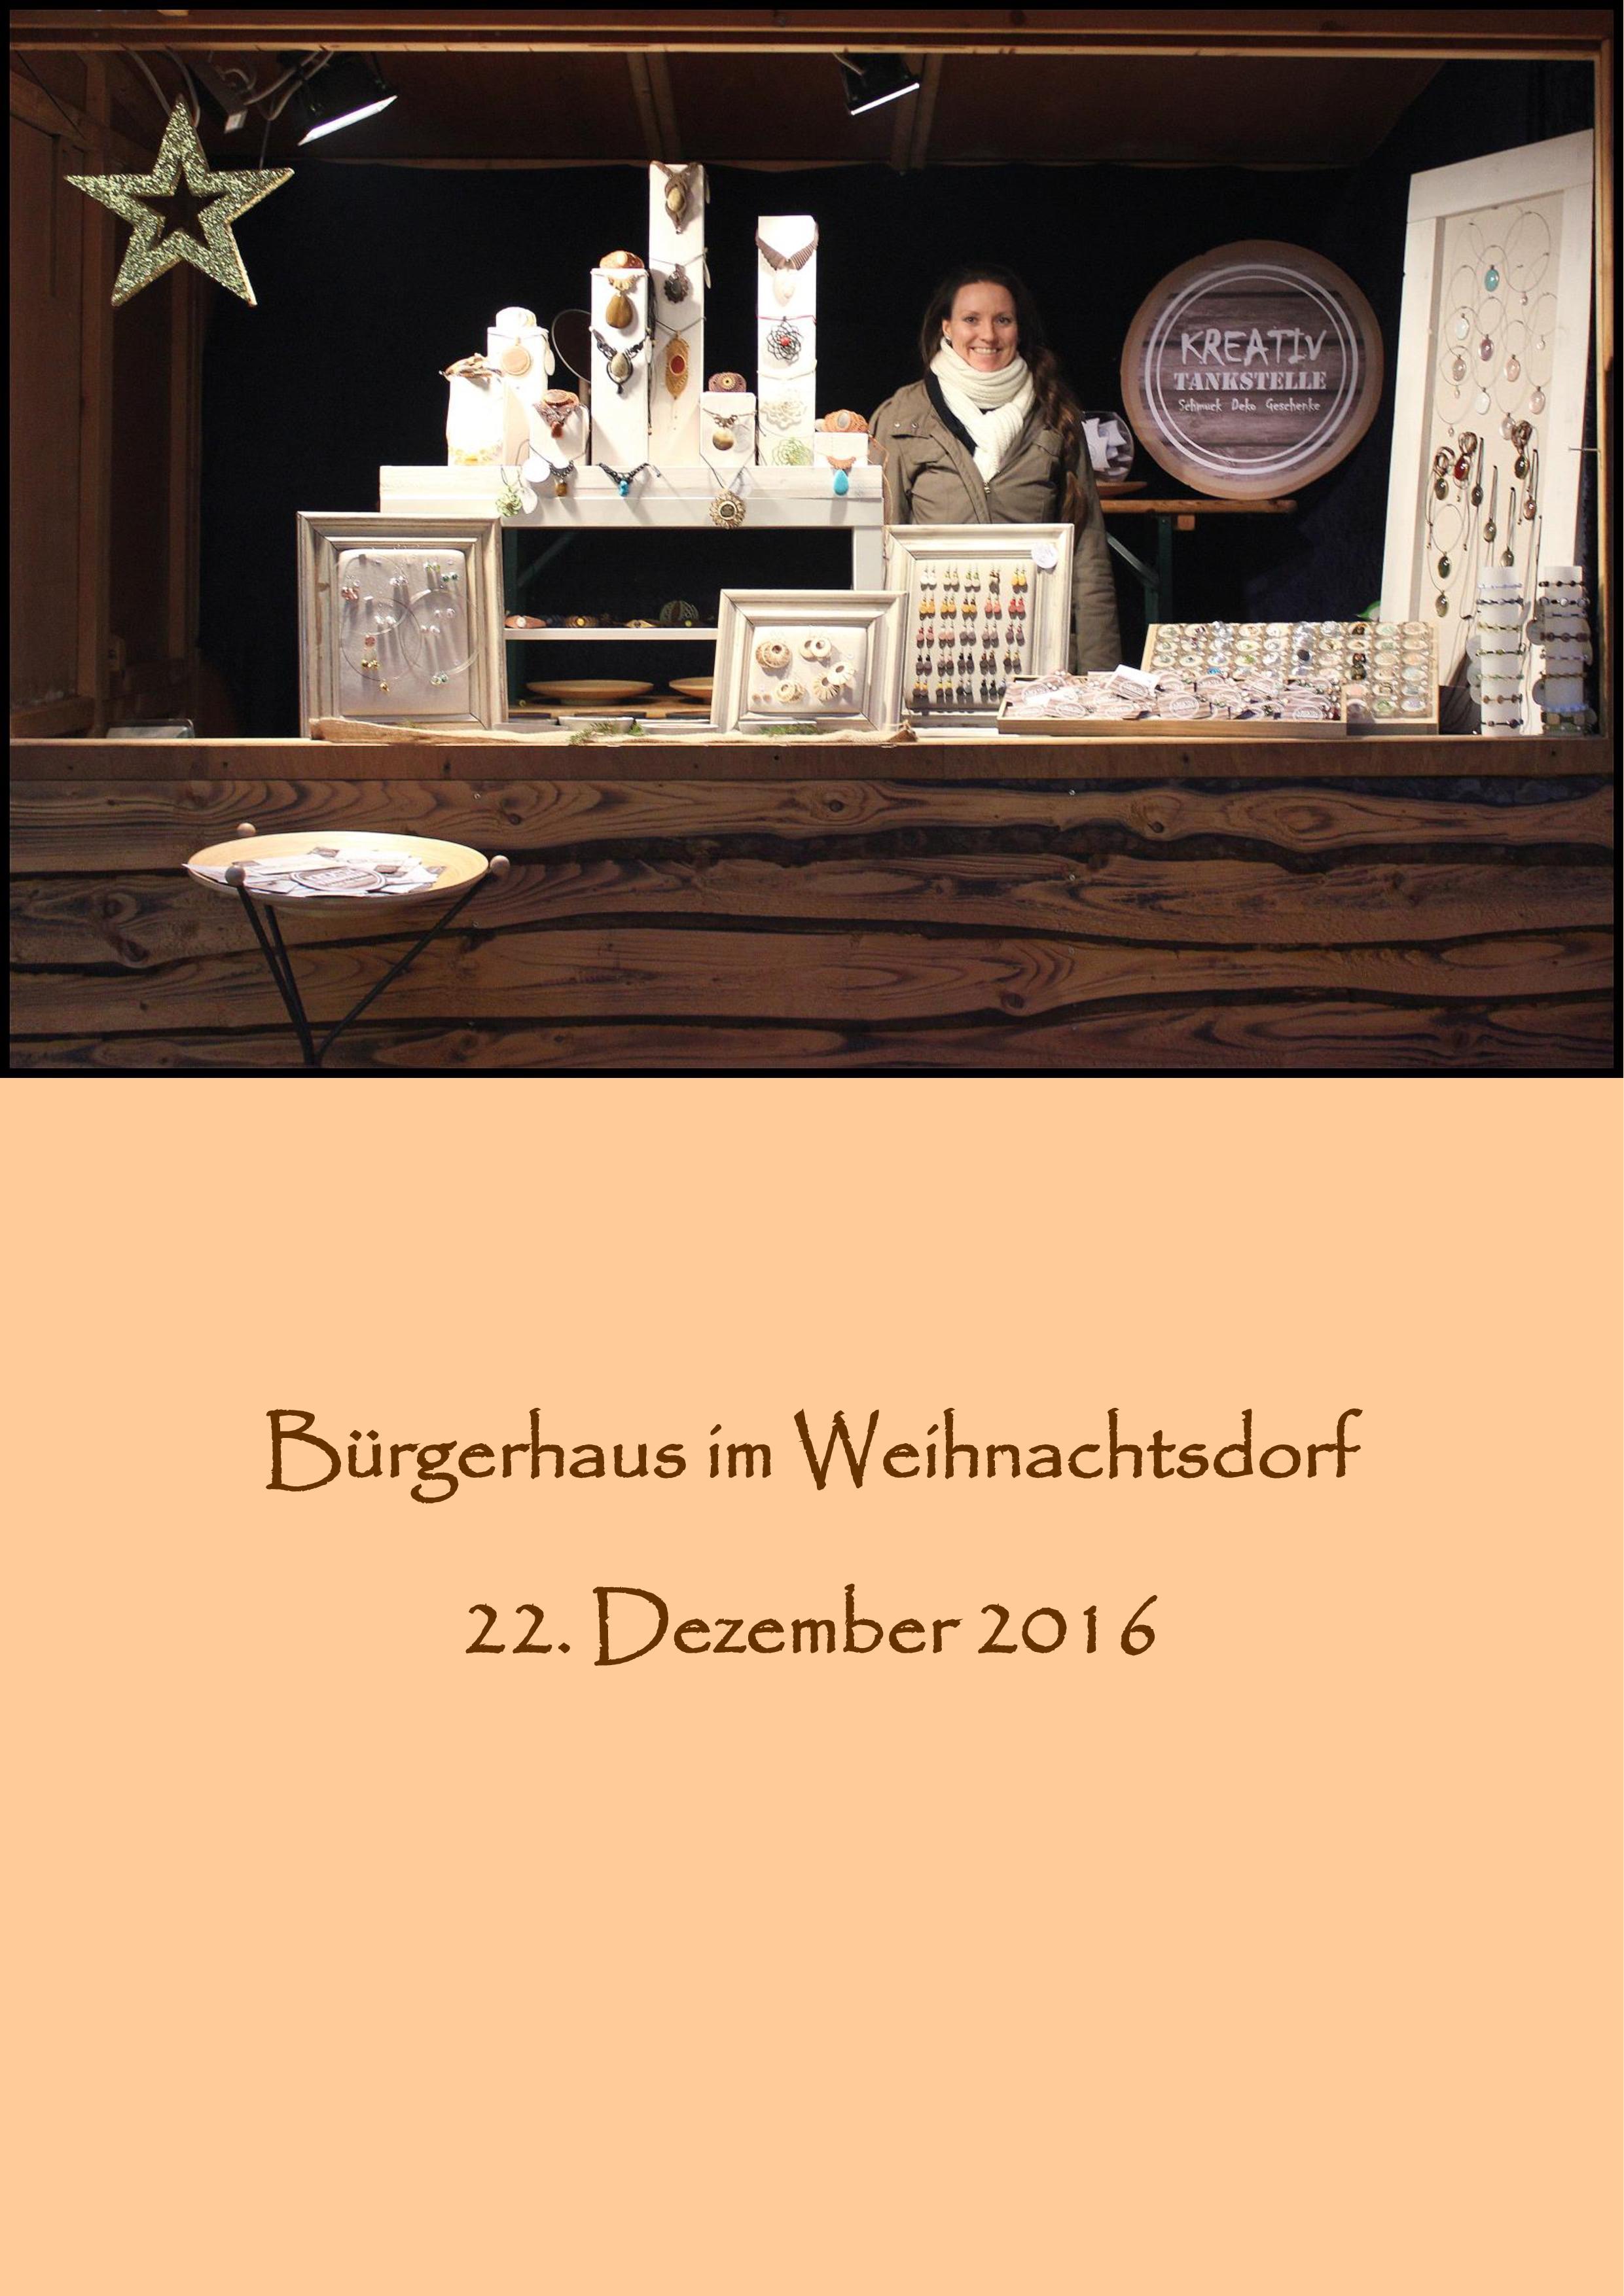 Bürgerhaus im Weihnachtsdorf